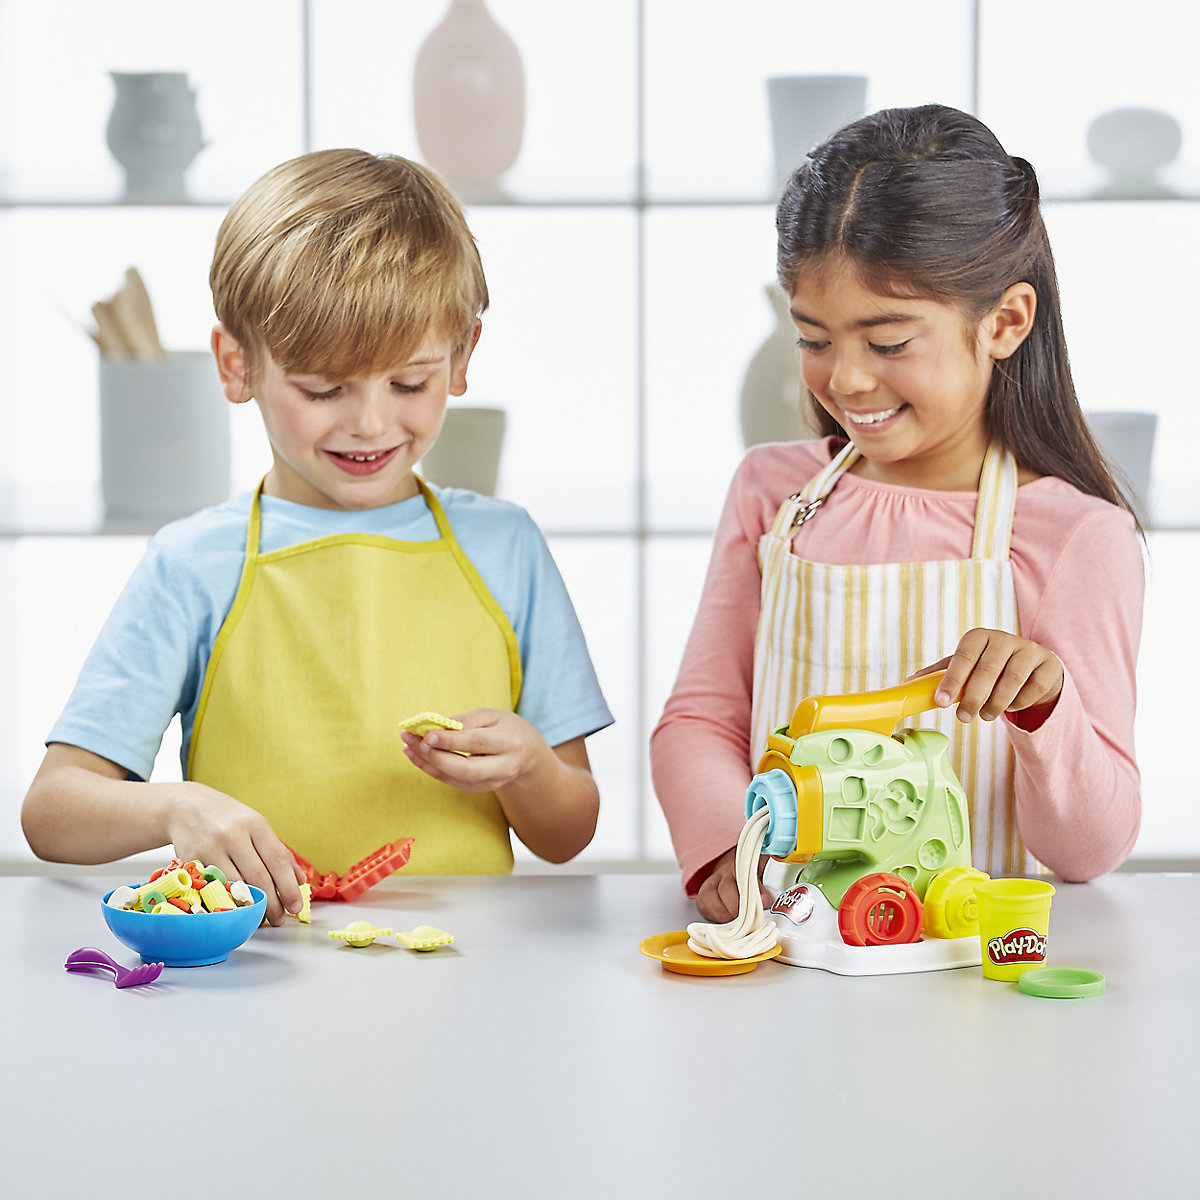 Pâte à modeler play-doh/Slime 5099880 pâte à modeler de bureau à la main gomme sculpter enfants fille garçon filles garçons pour enfants play-doh MTpromo - 4